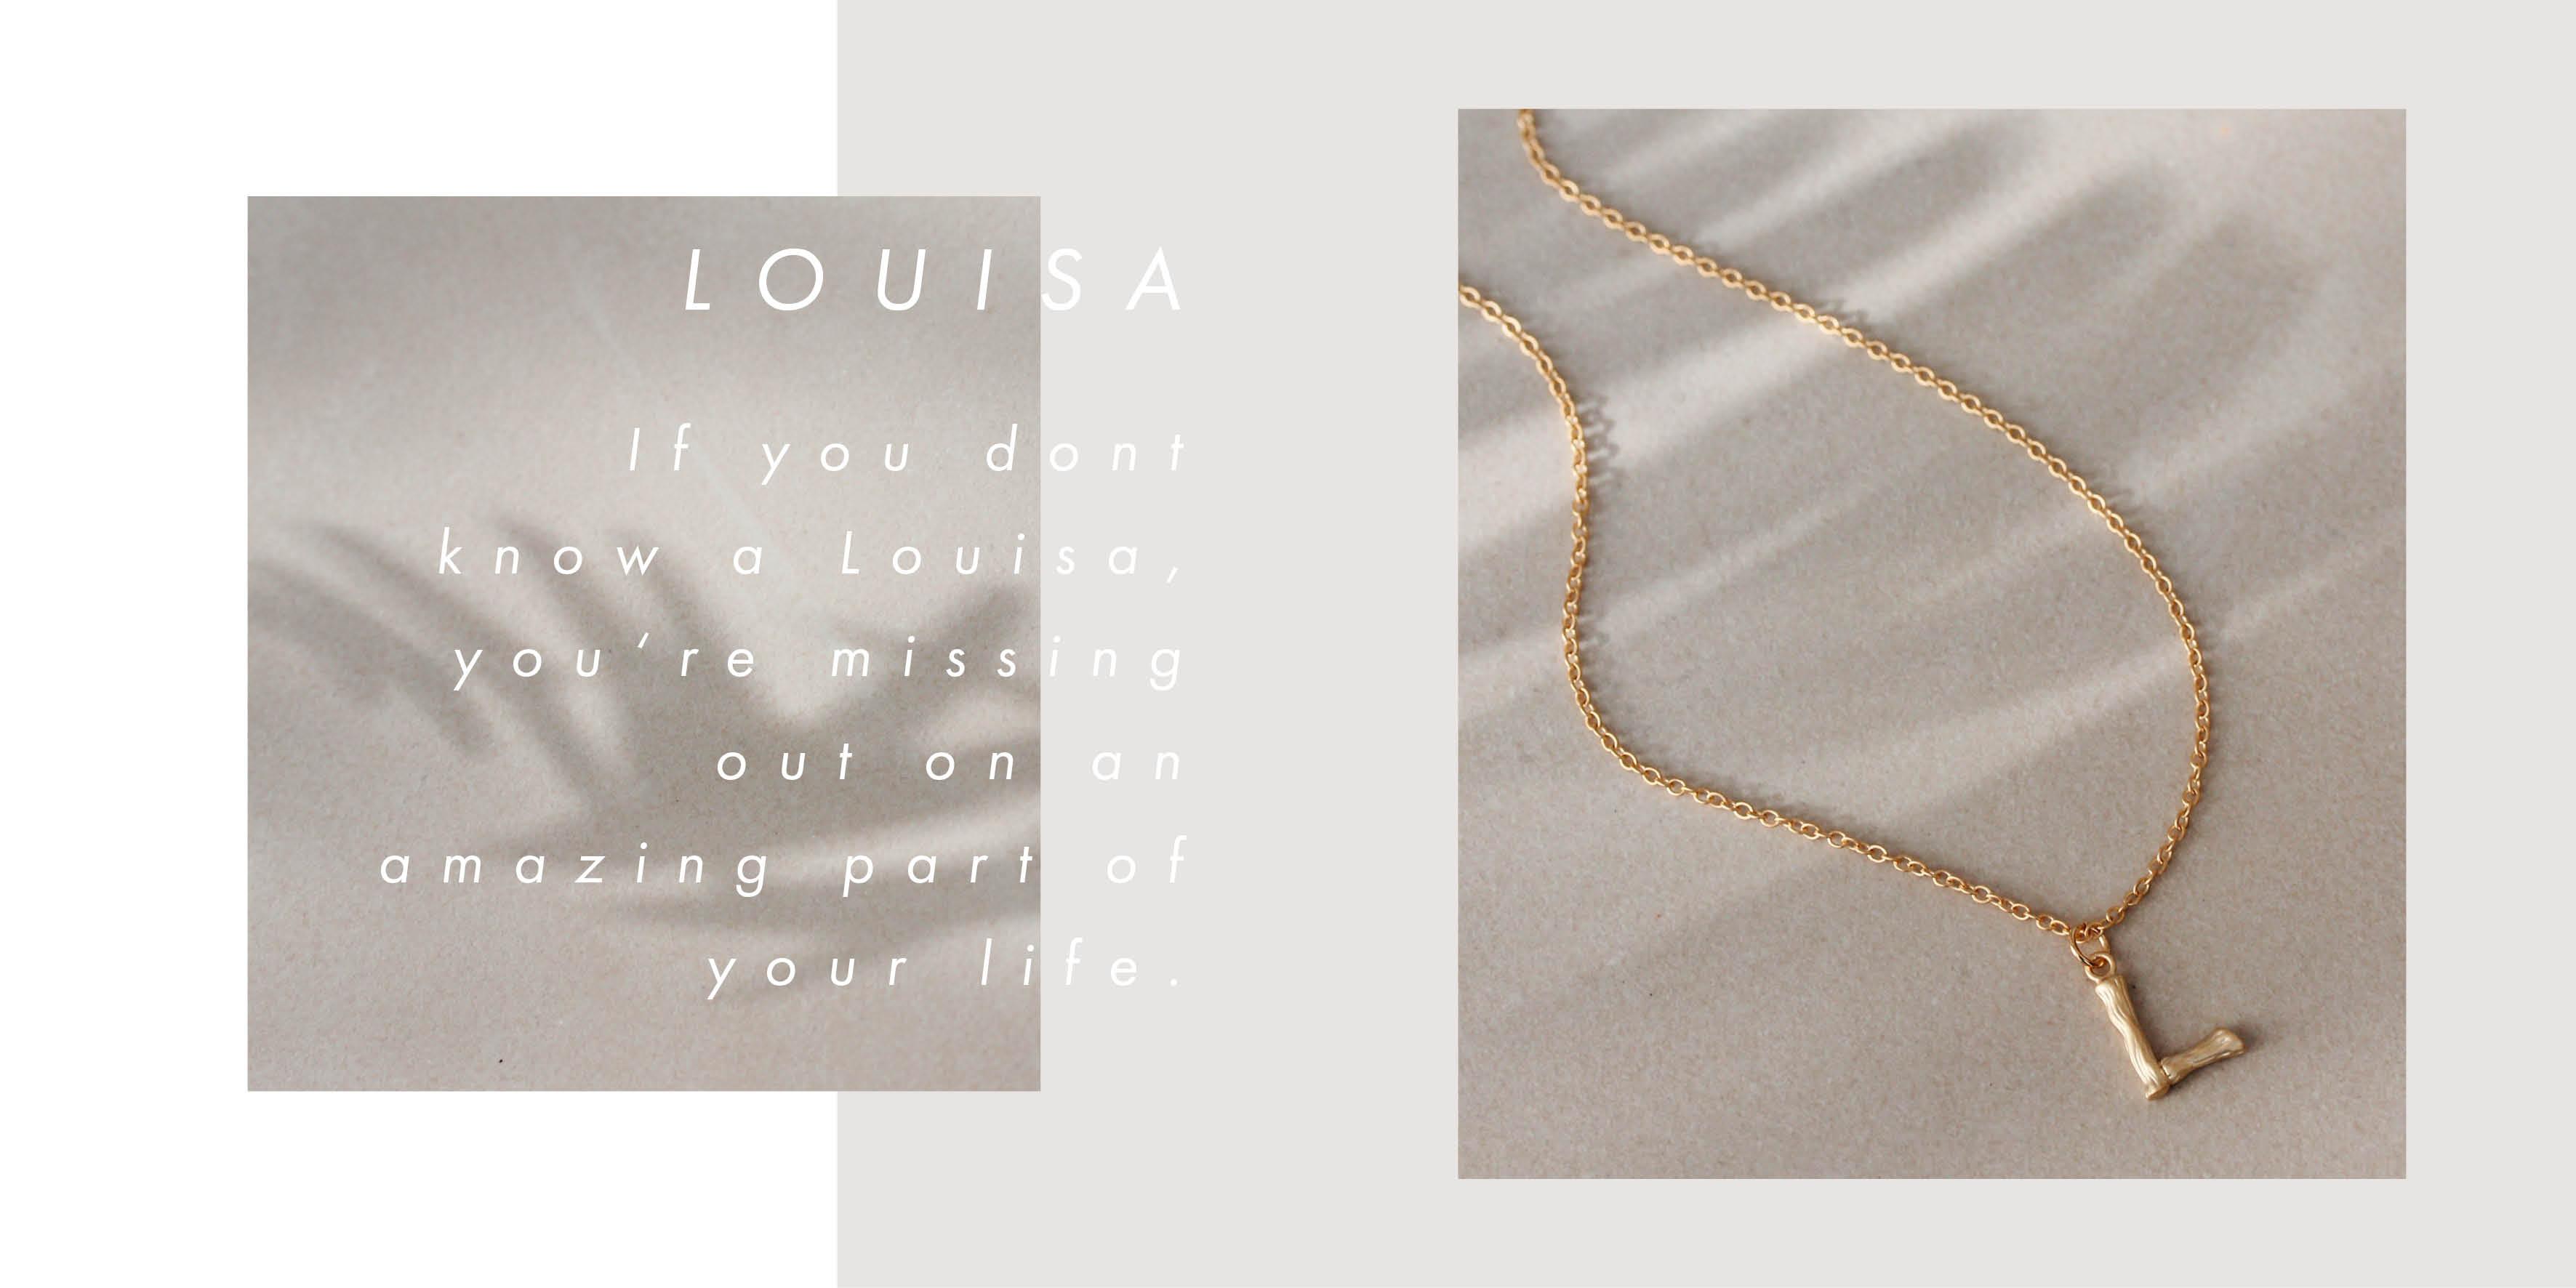 Personalisierte Armbänder in Gold und Silber Madeleine Issing